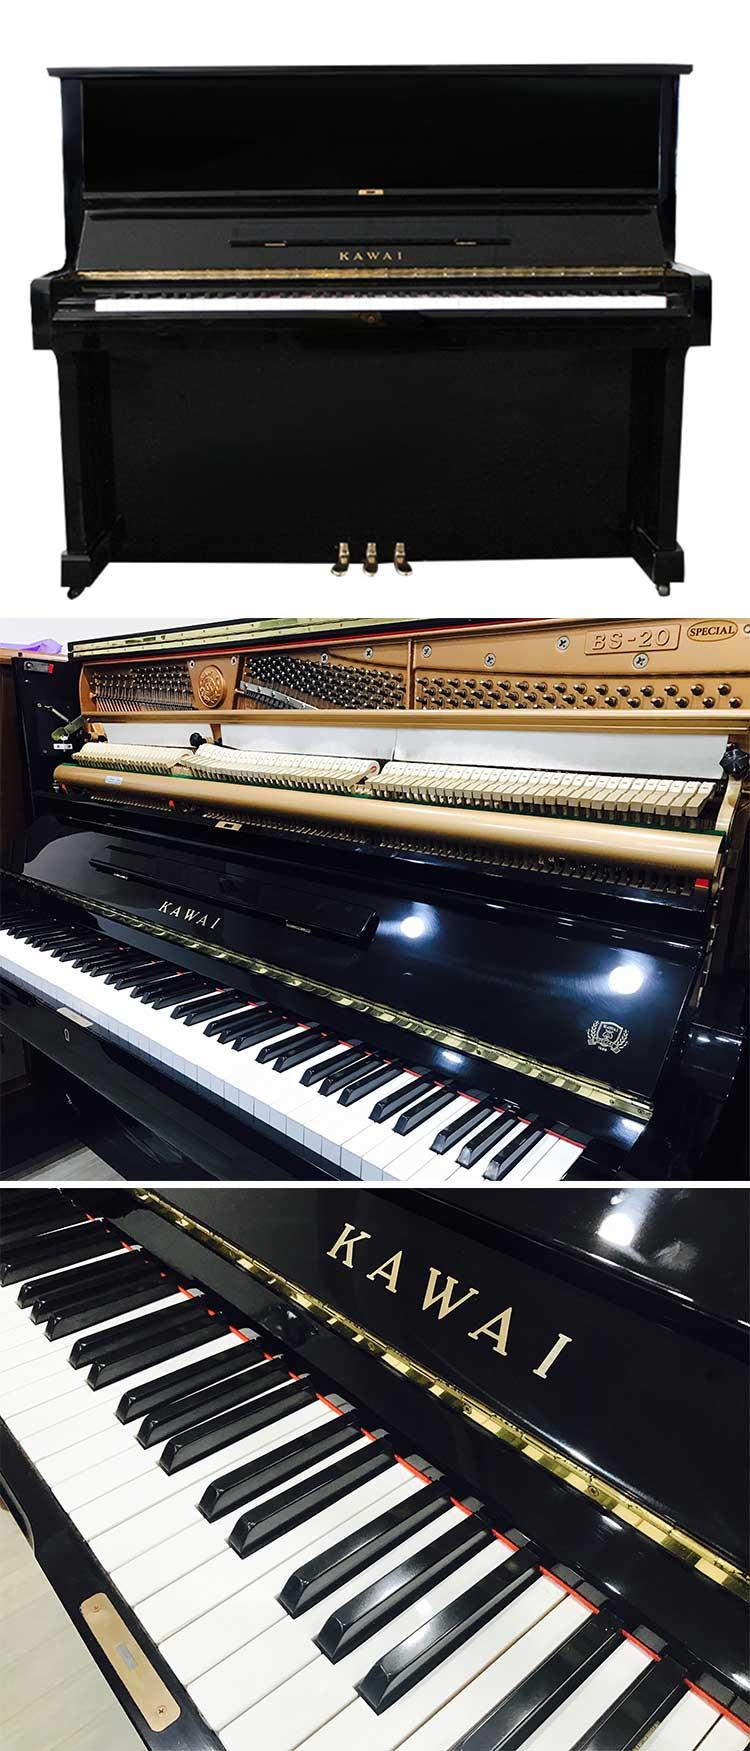 卡瓦依钢琴BS20租赁 2.jpg